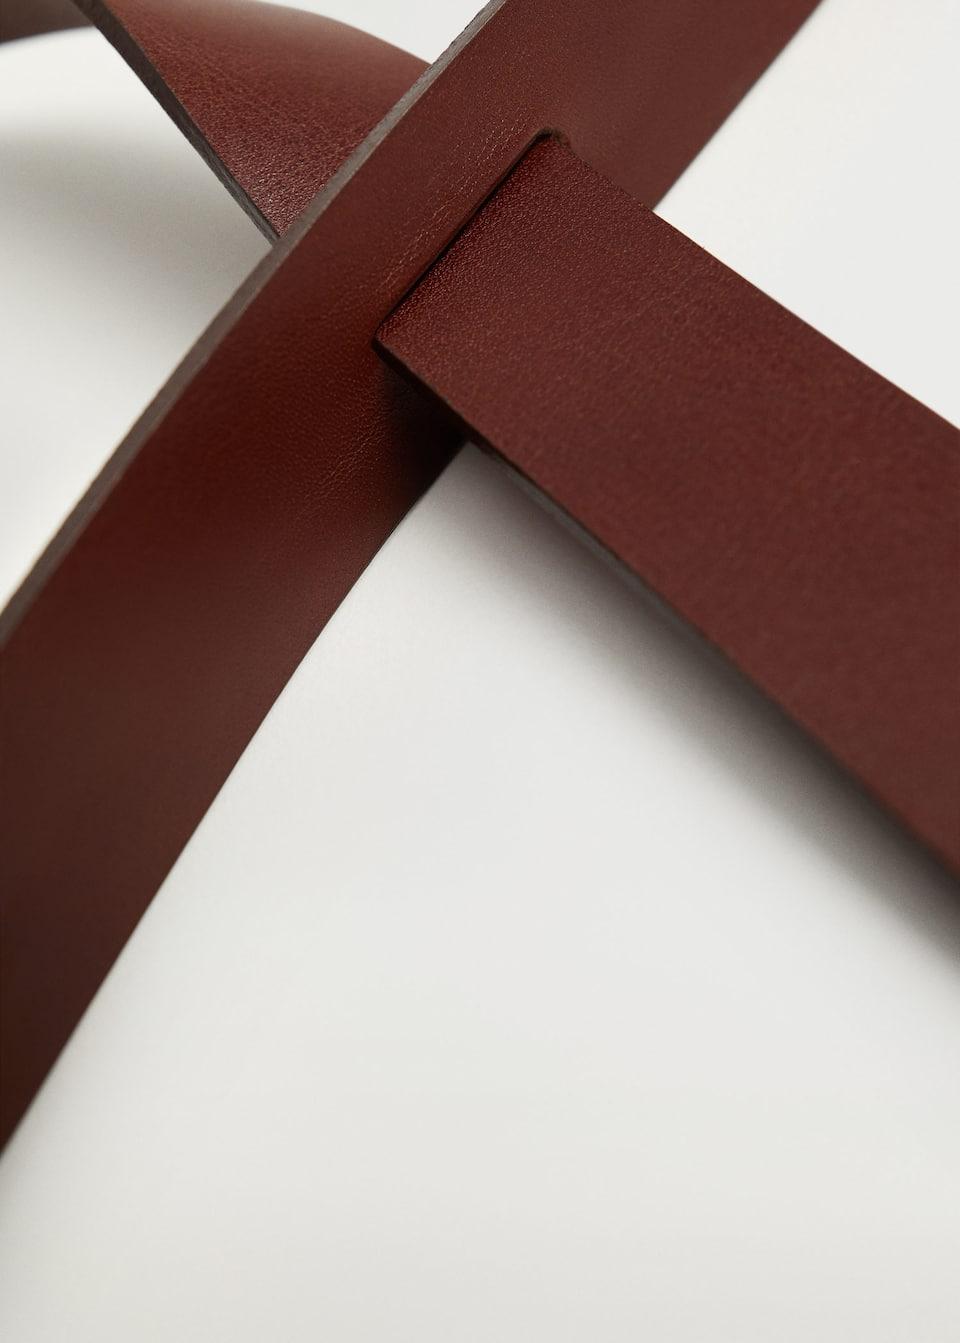 prezzo di eco subțire produse de slabit. ro